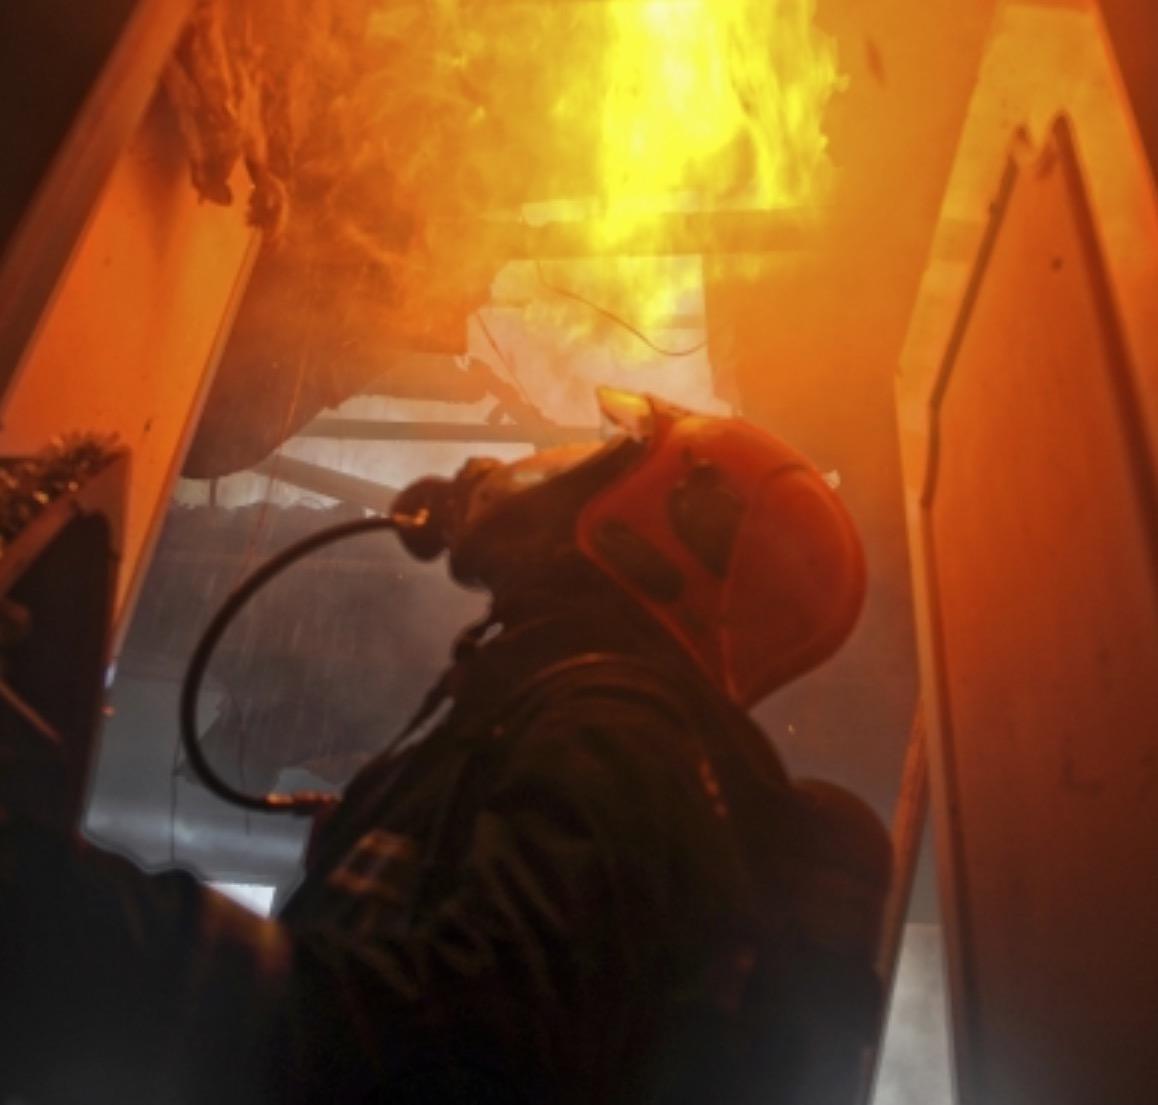 Lillebonne : piégé dans son studio en feu, un homme handicapé secouru par trois jeuns gens